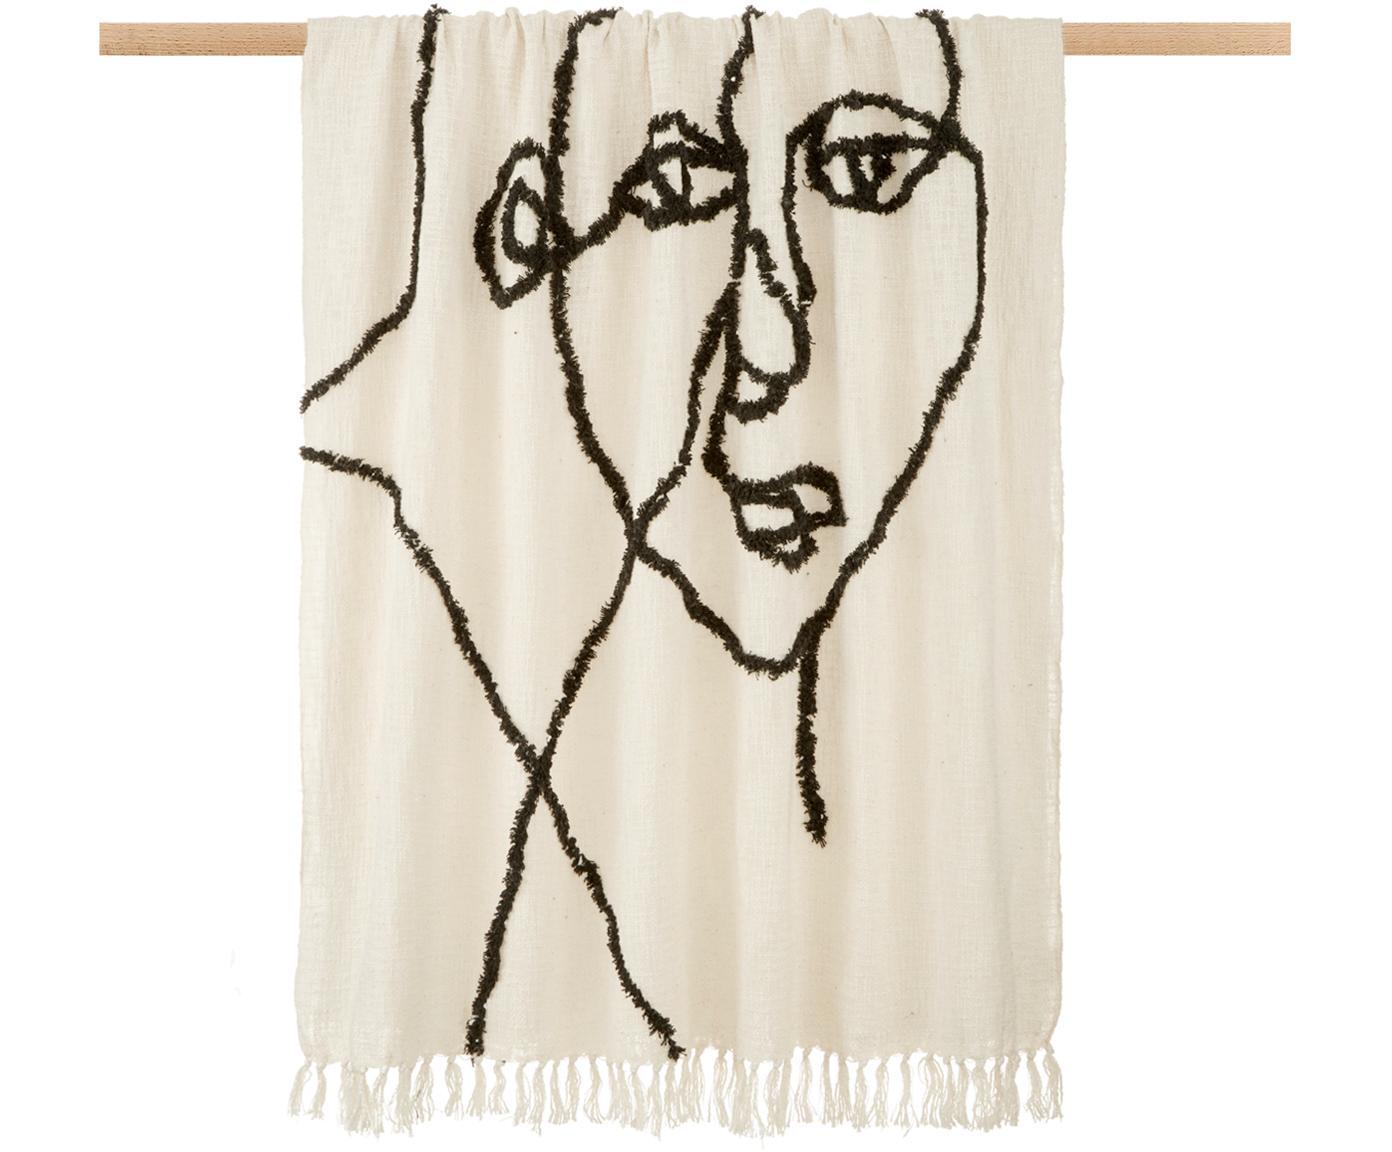 Plaid Face mit abstrakter Zeichnung, 100% Baumwolle, Elfenbeinfarben, Schwarz, 130 x 170 cm